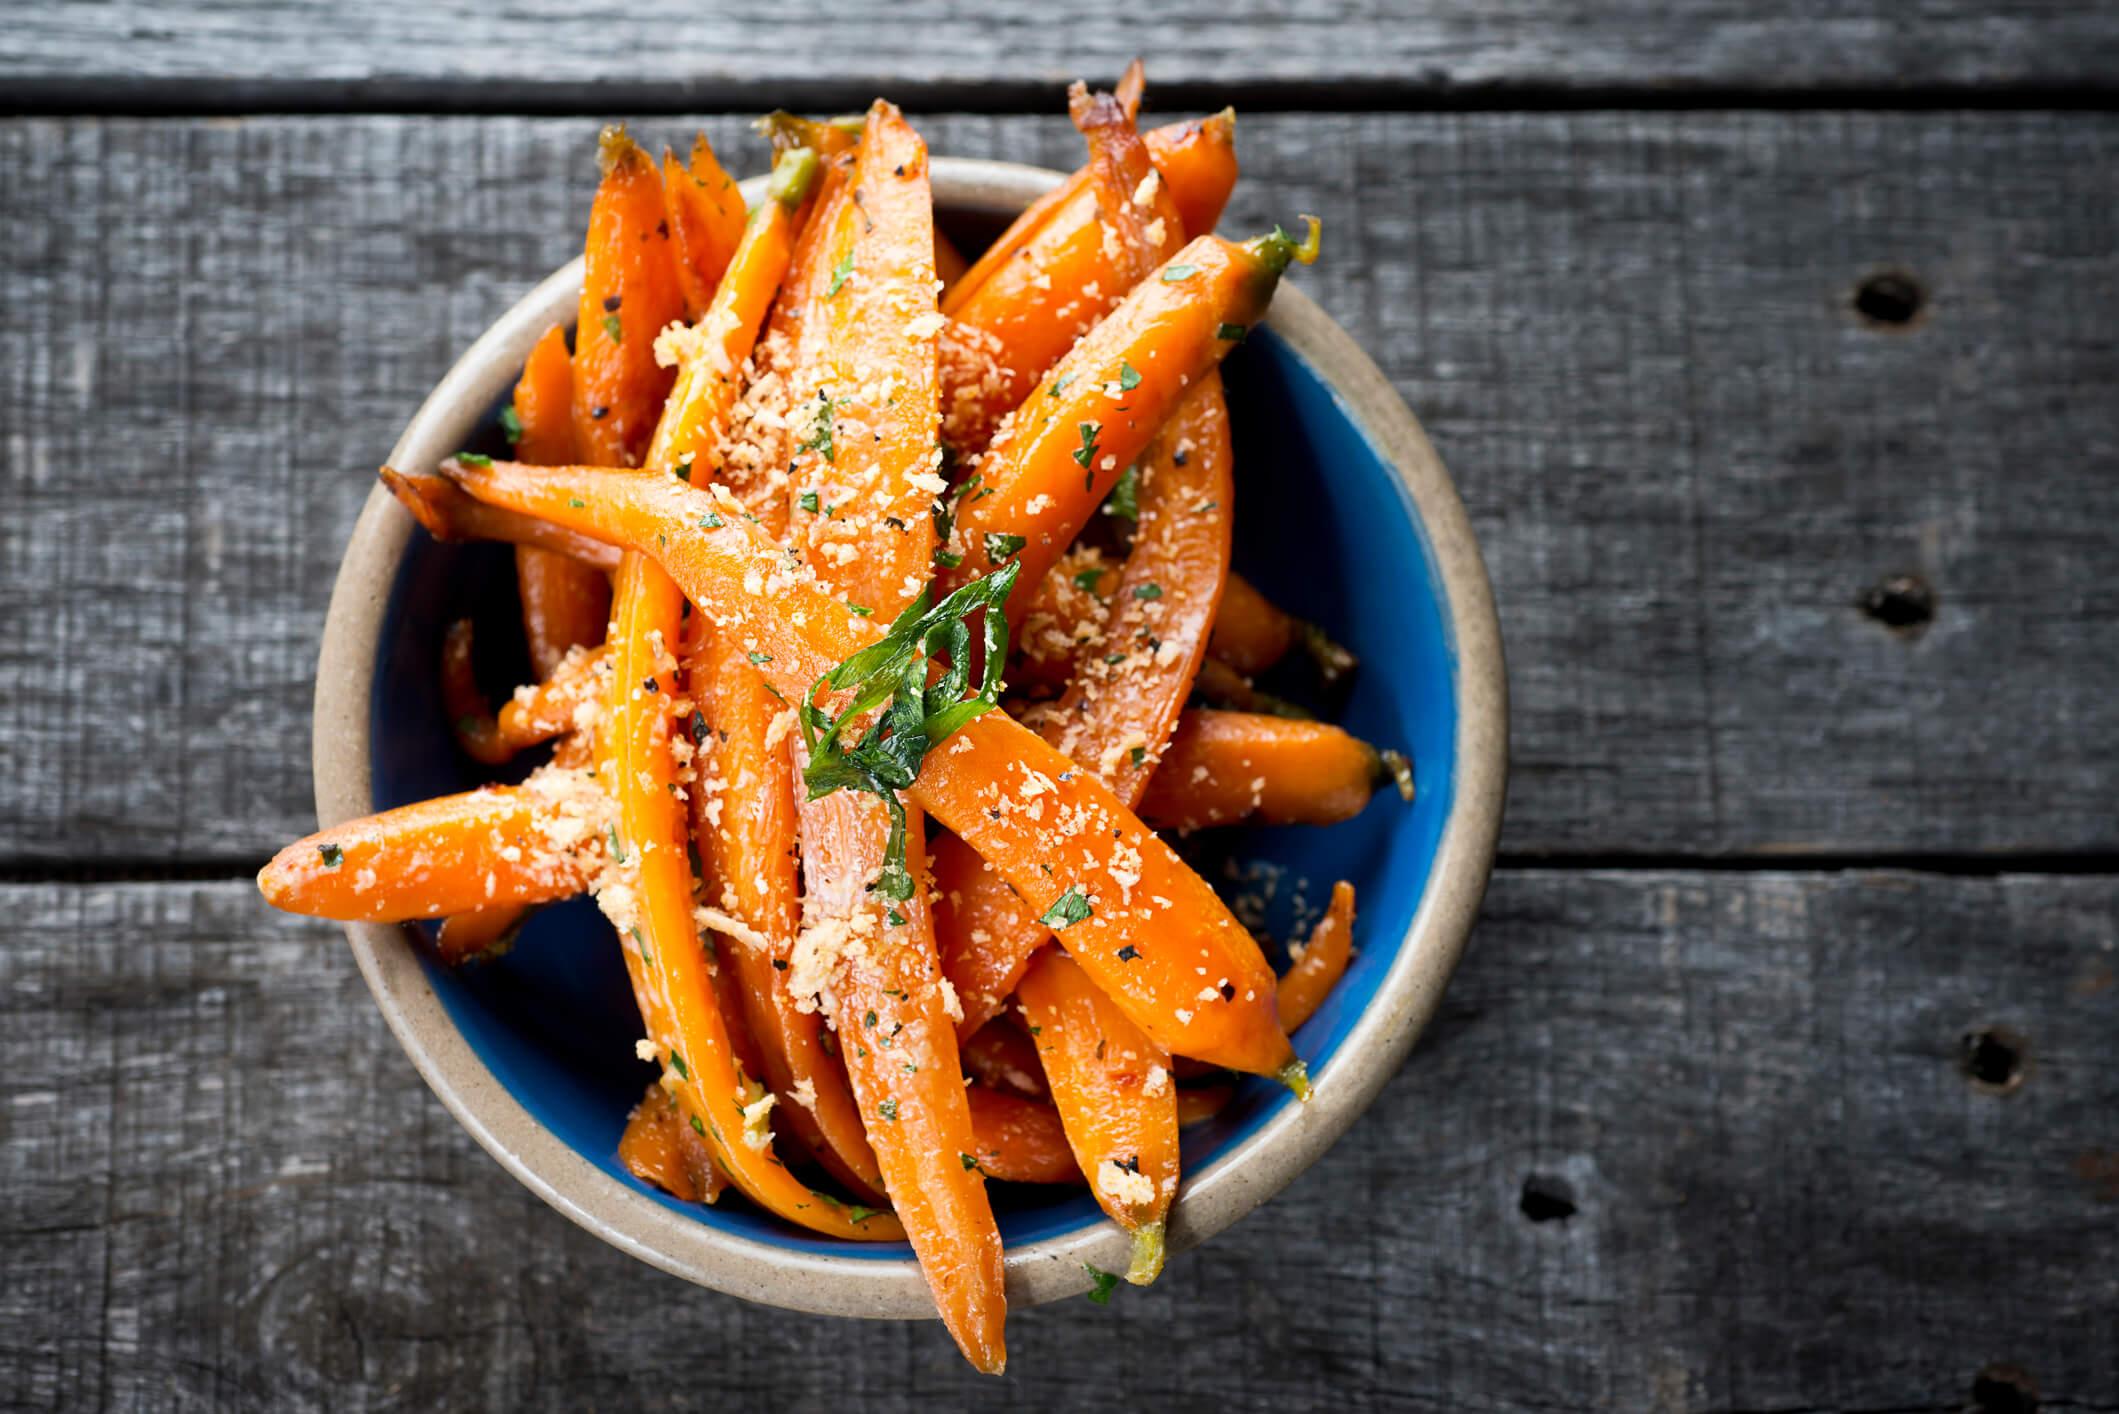 Morötter innehåller betakaroten